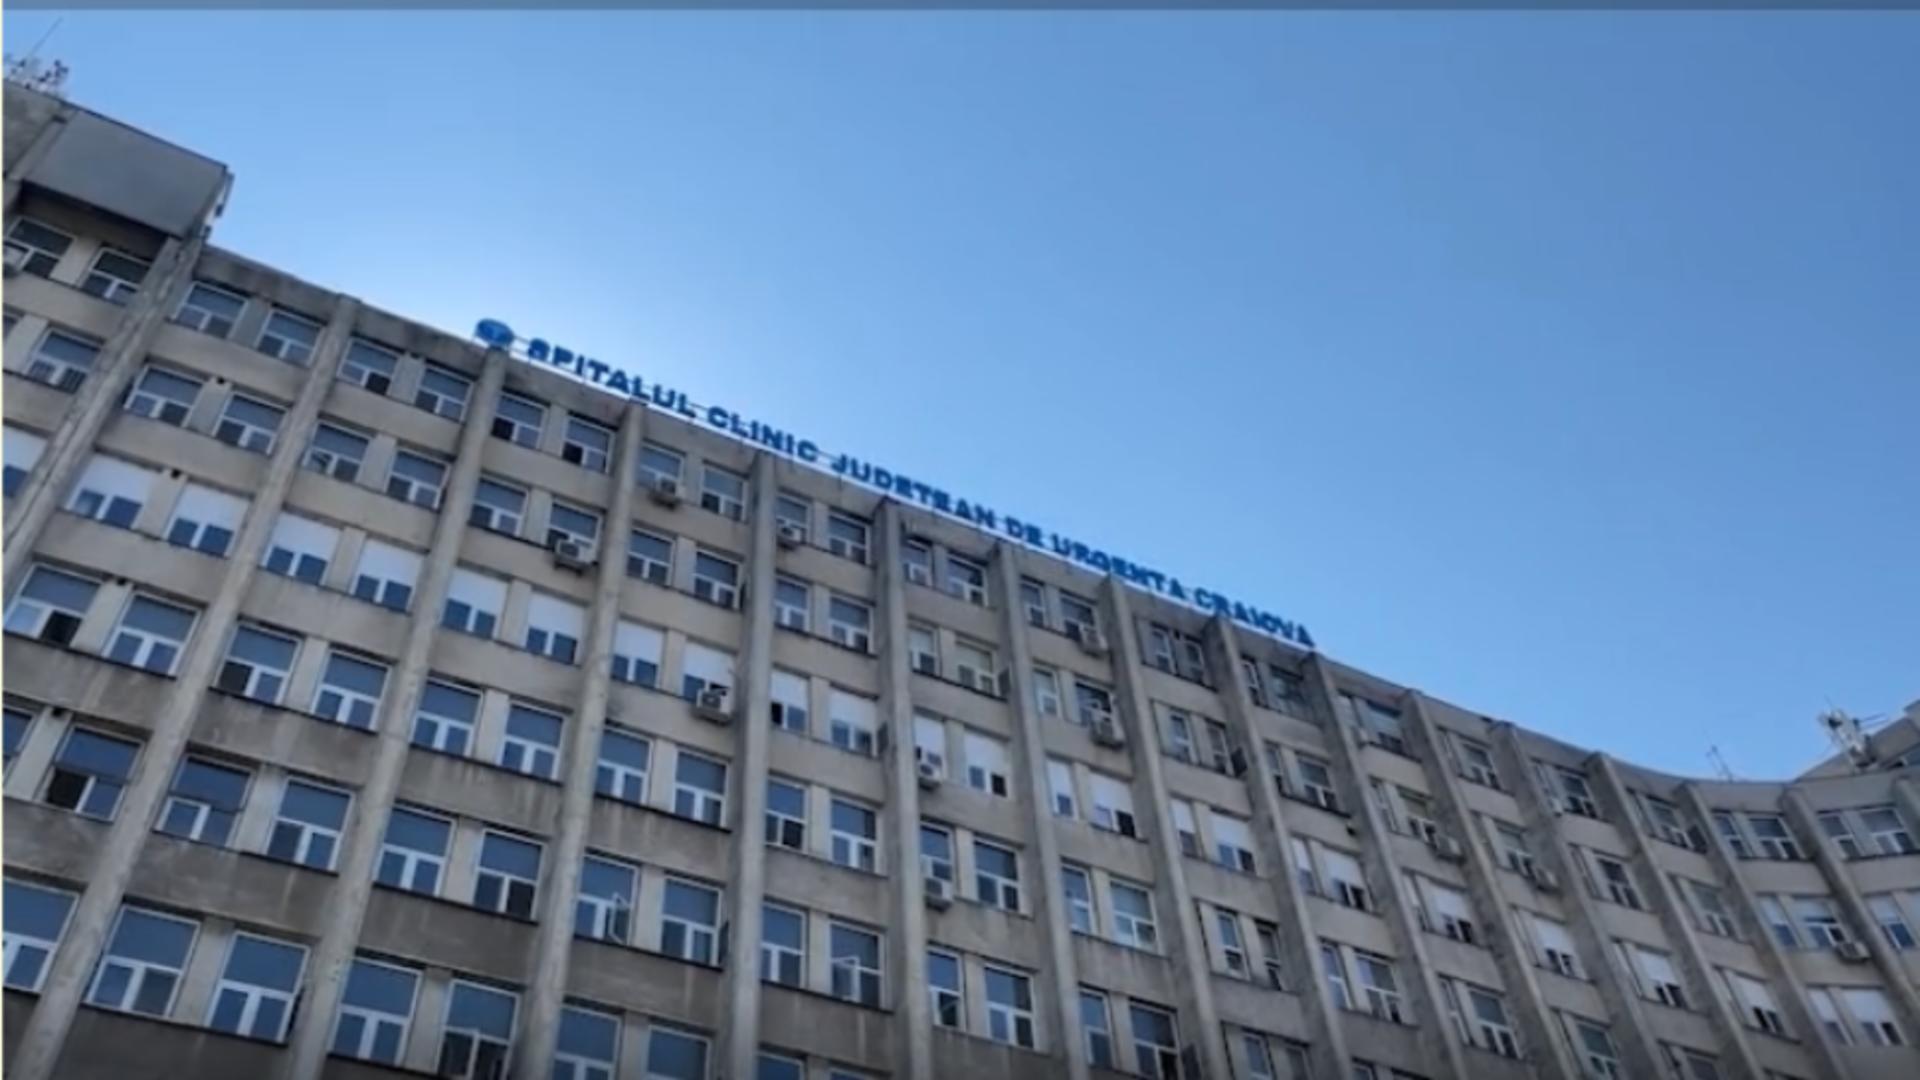 Spitalul Clinic Județean de Urgență Craiova / Captură video